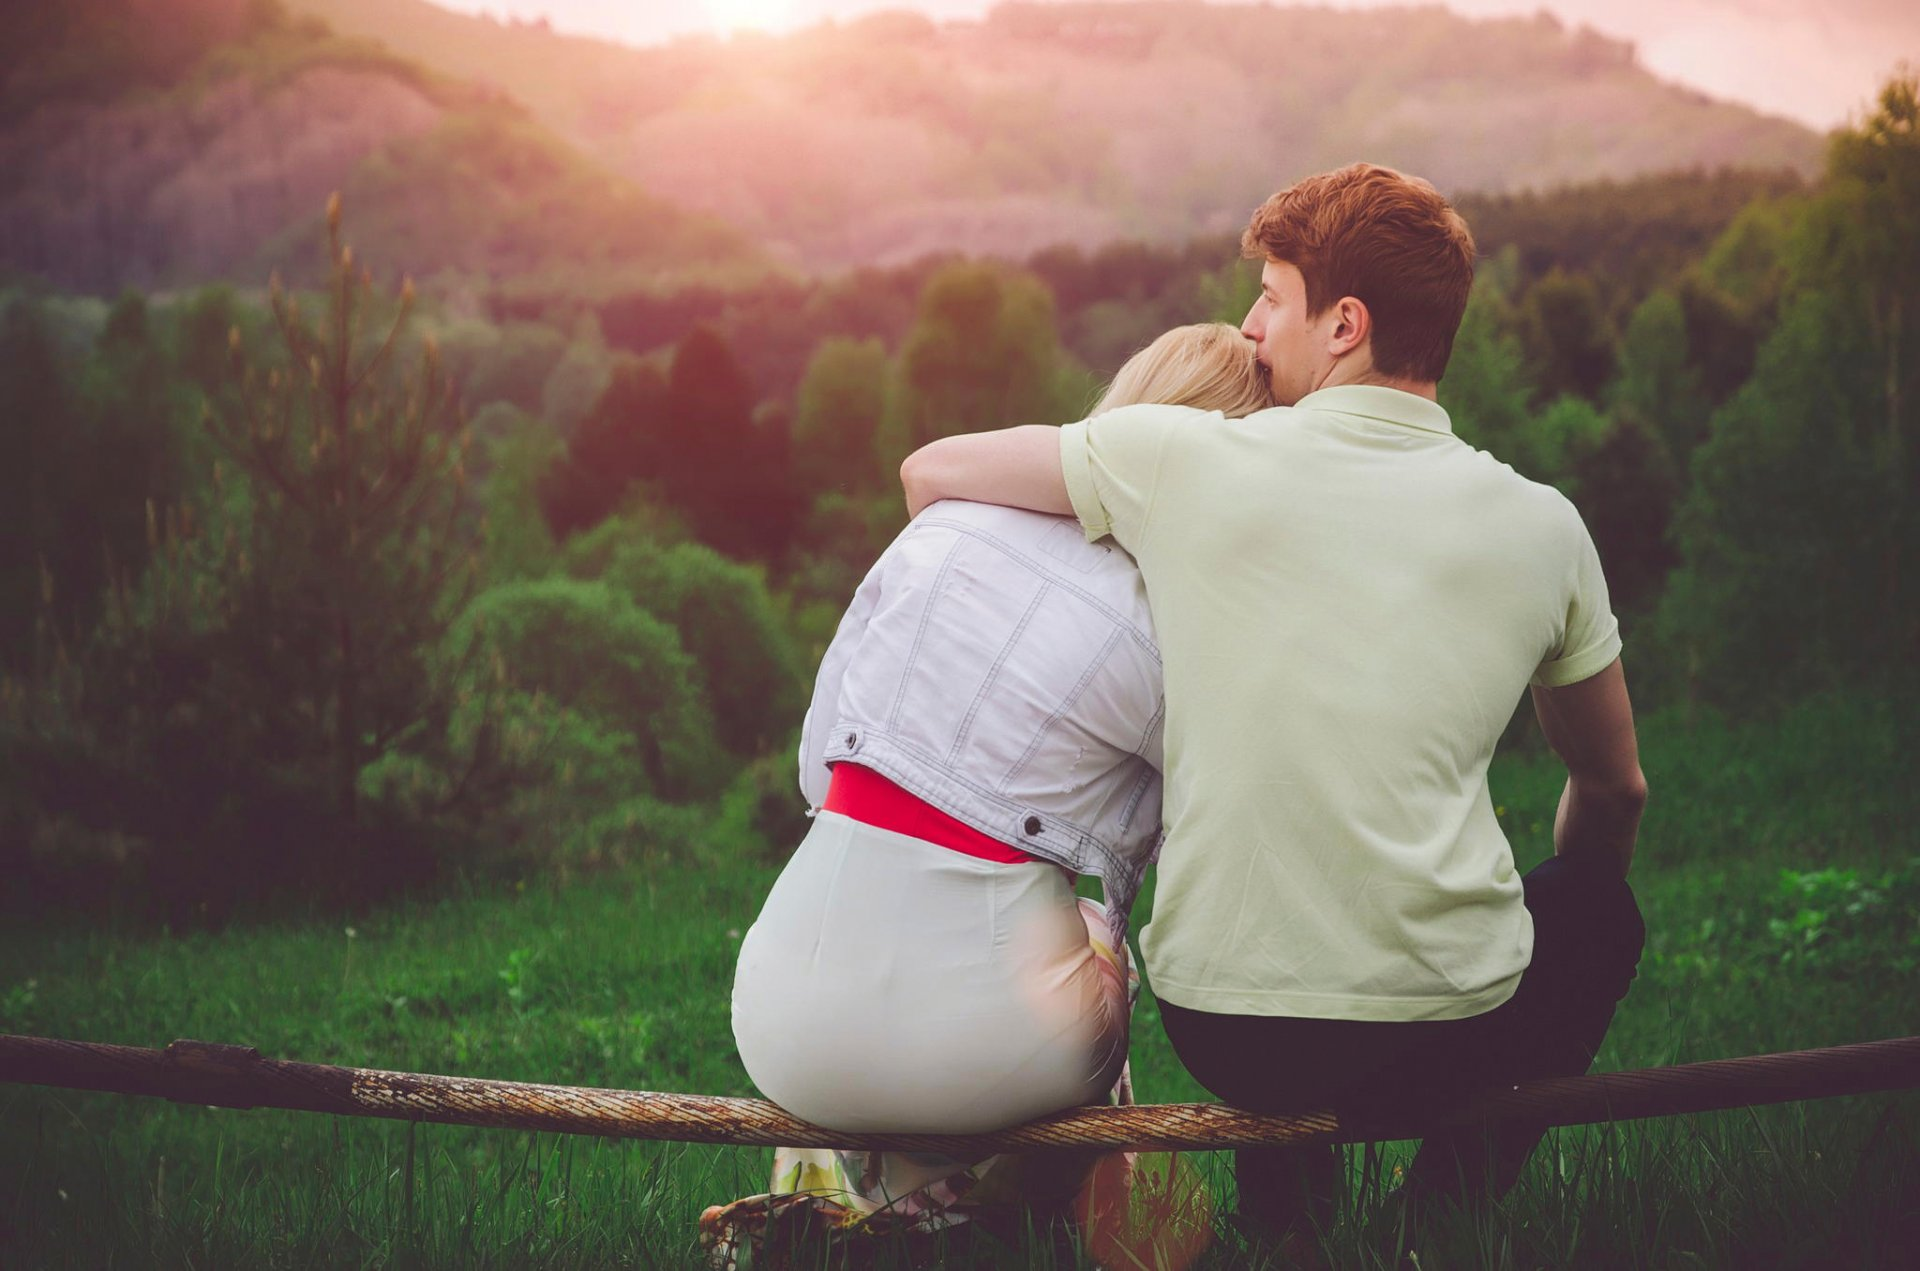 Фото мальчика и девушка, Boy And Girl Love Фото со стоков и изображения 24 фотография